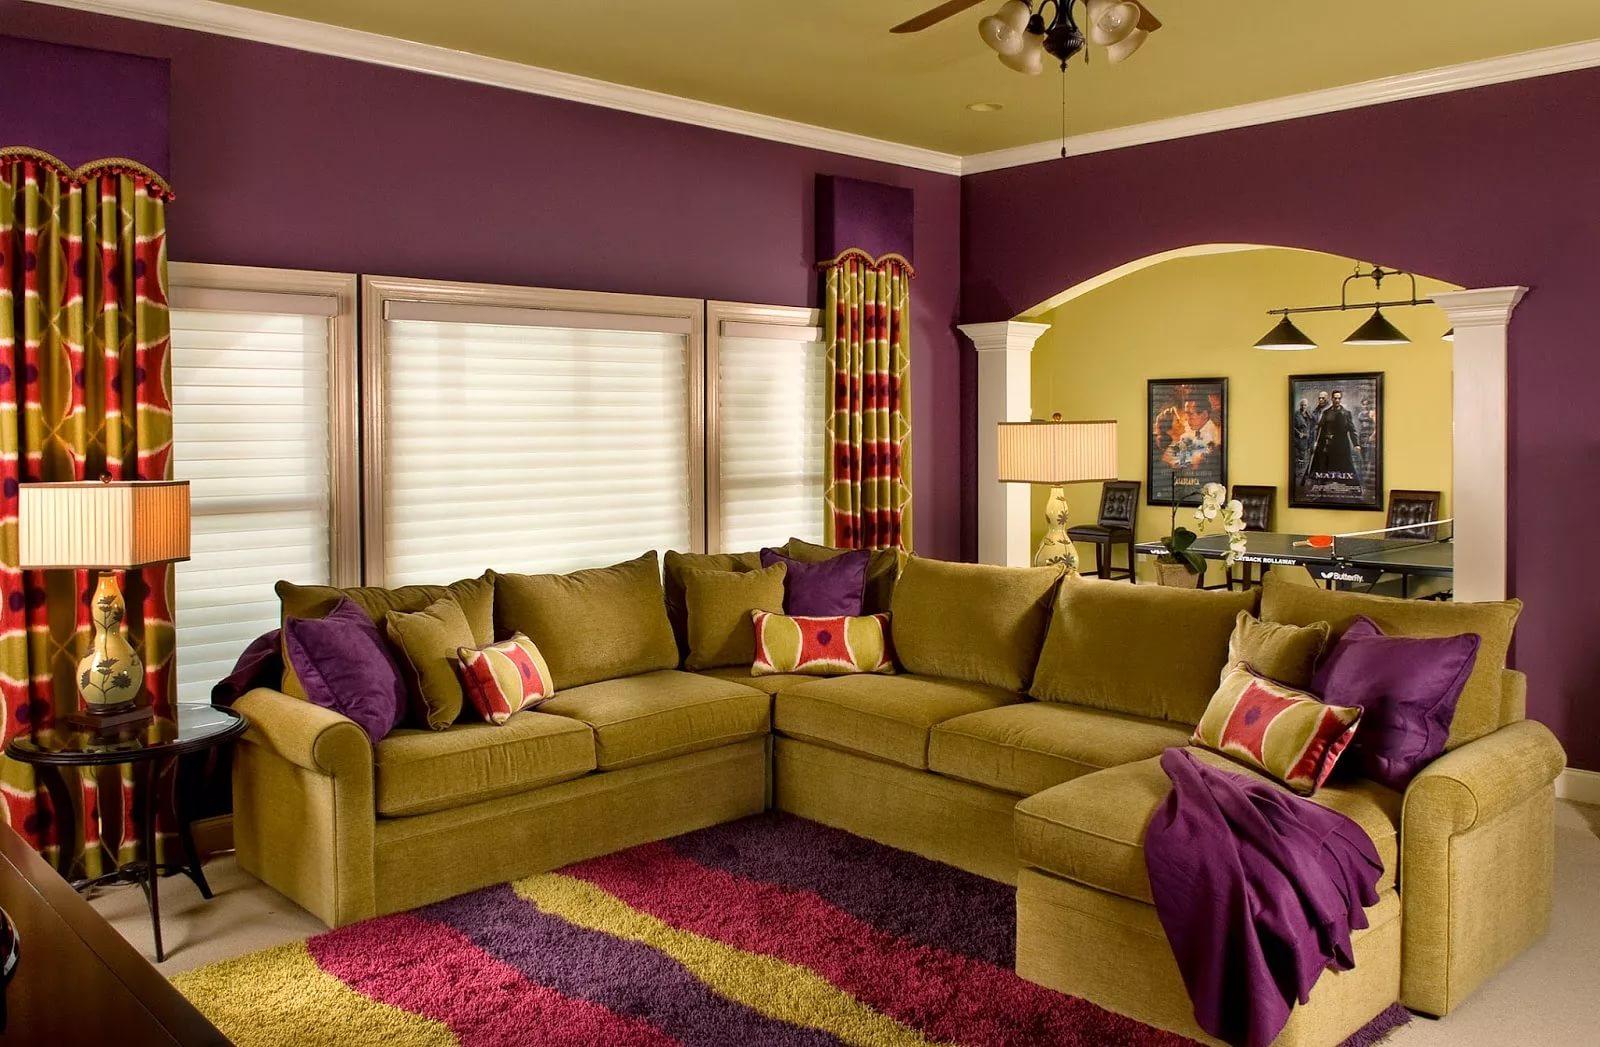 Таблица сочетания цветов в интерьере гостиной фото